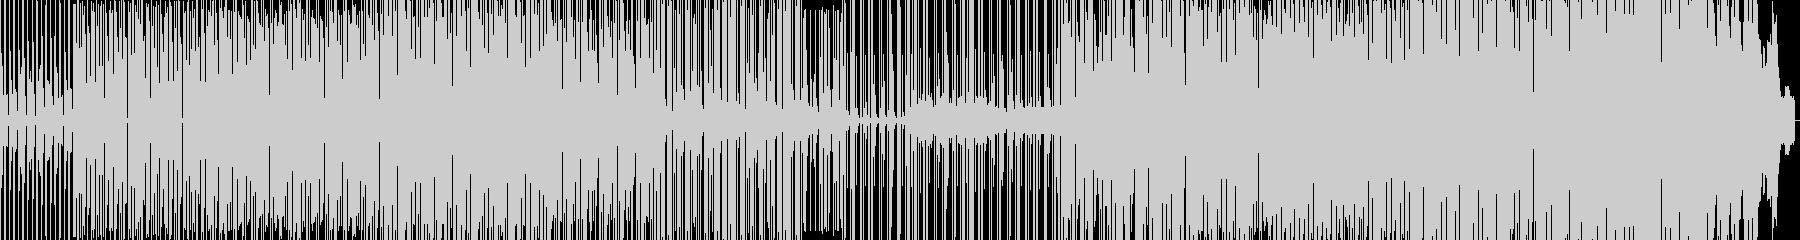 アップテンポなハウスの未再生の波形